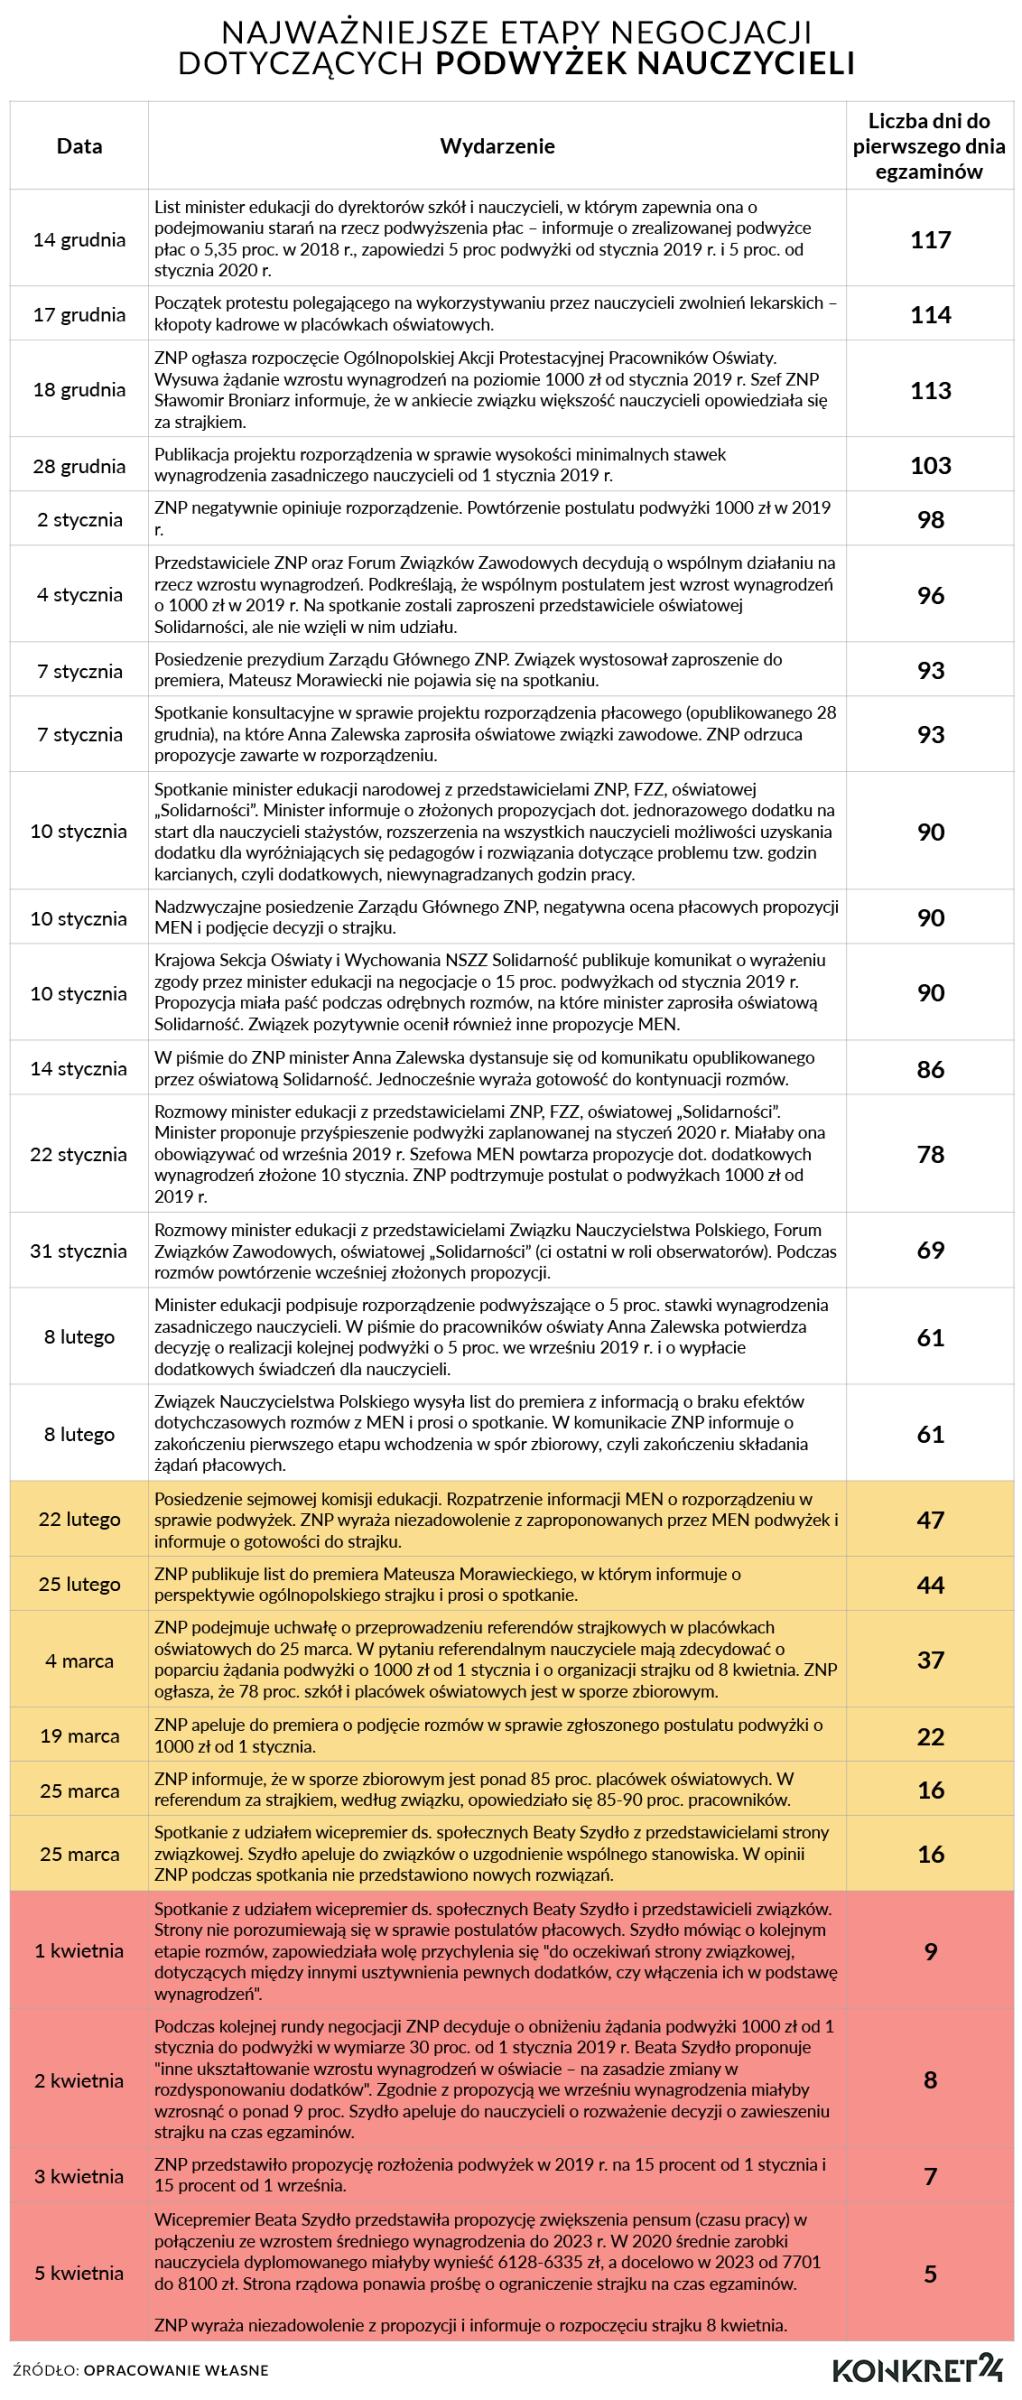 Najważniejsze etapy negocjacji między nauczycielami a rządem. Żółtym kolorem oznaczono okres poniżej 60 dni do pierwszych egzaminów, czerwonym - poniżej 10 dni.